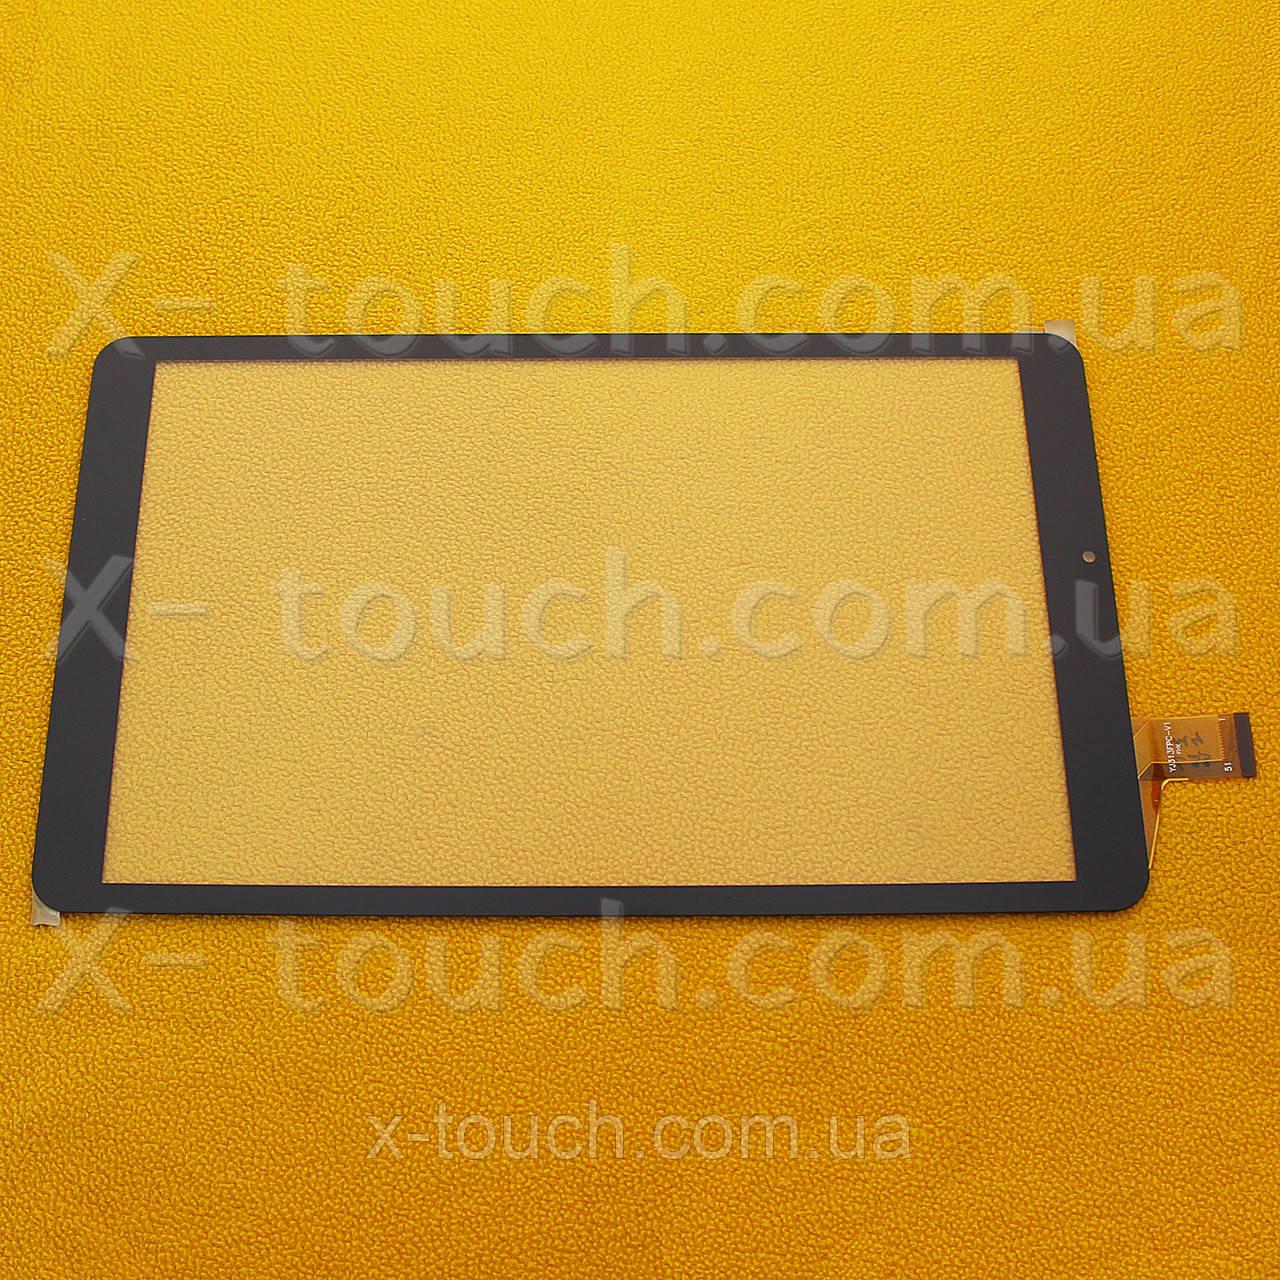 Тачскрин, сенсор YLD-CEGA636-FPC-A0  для планшета